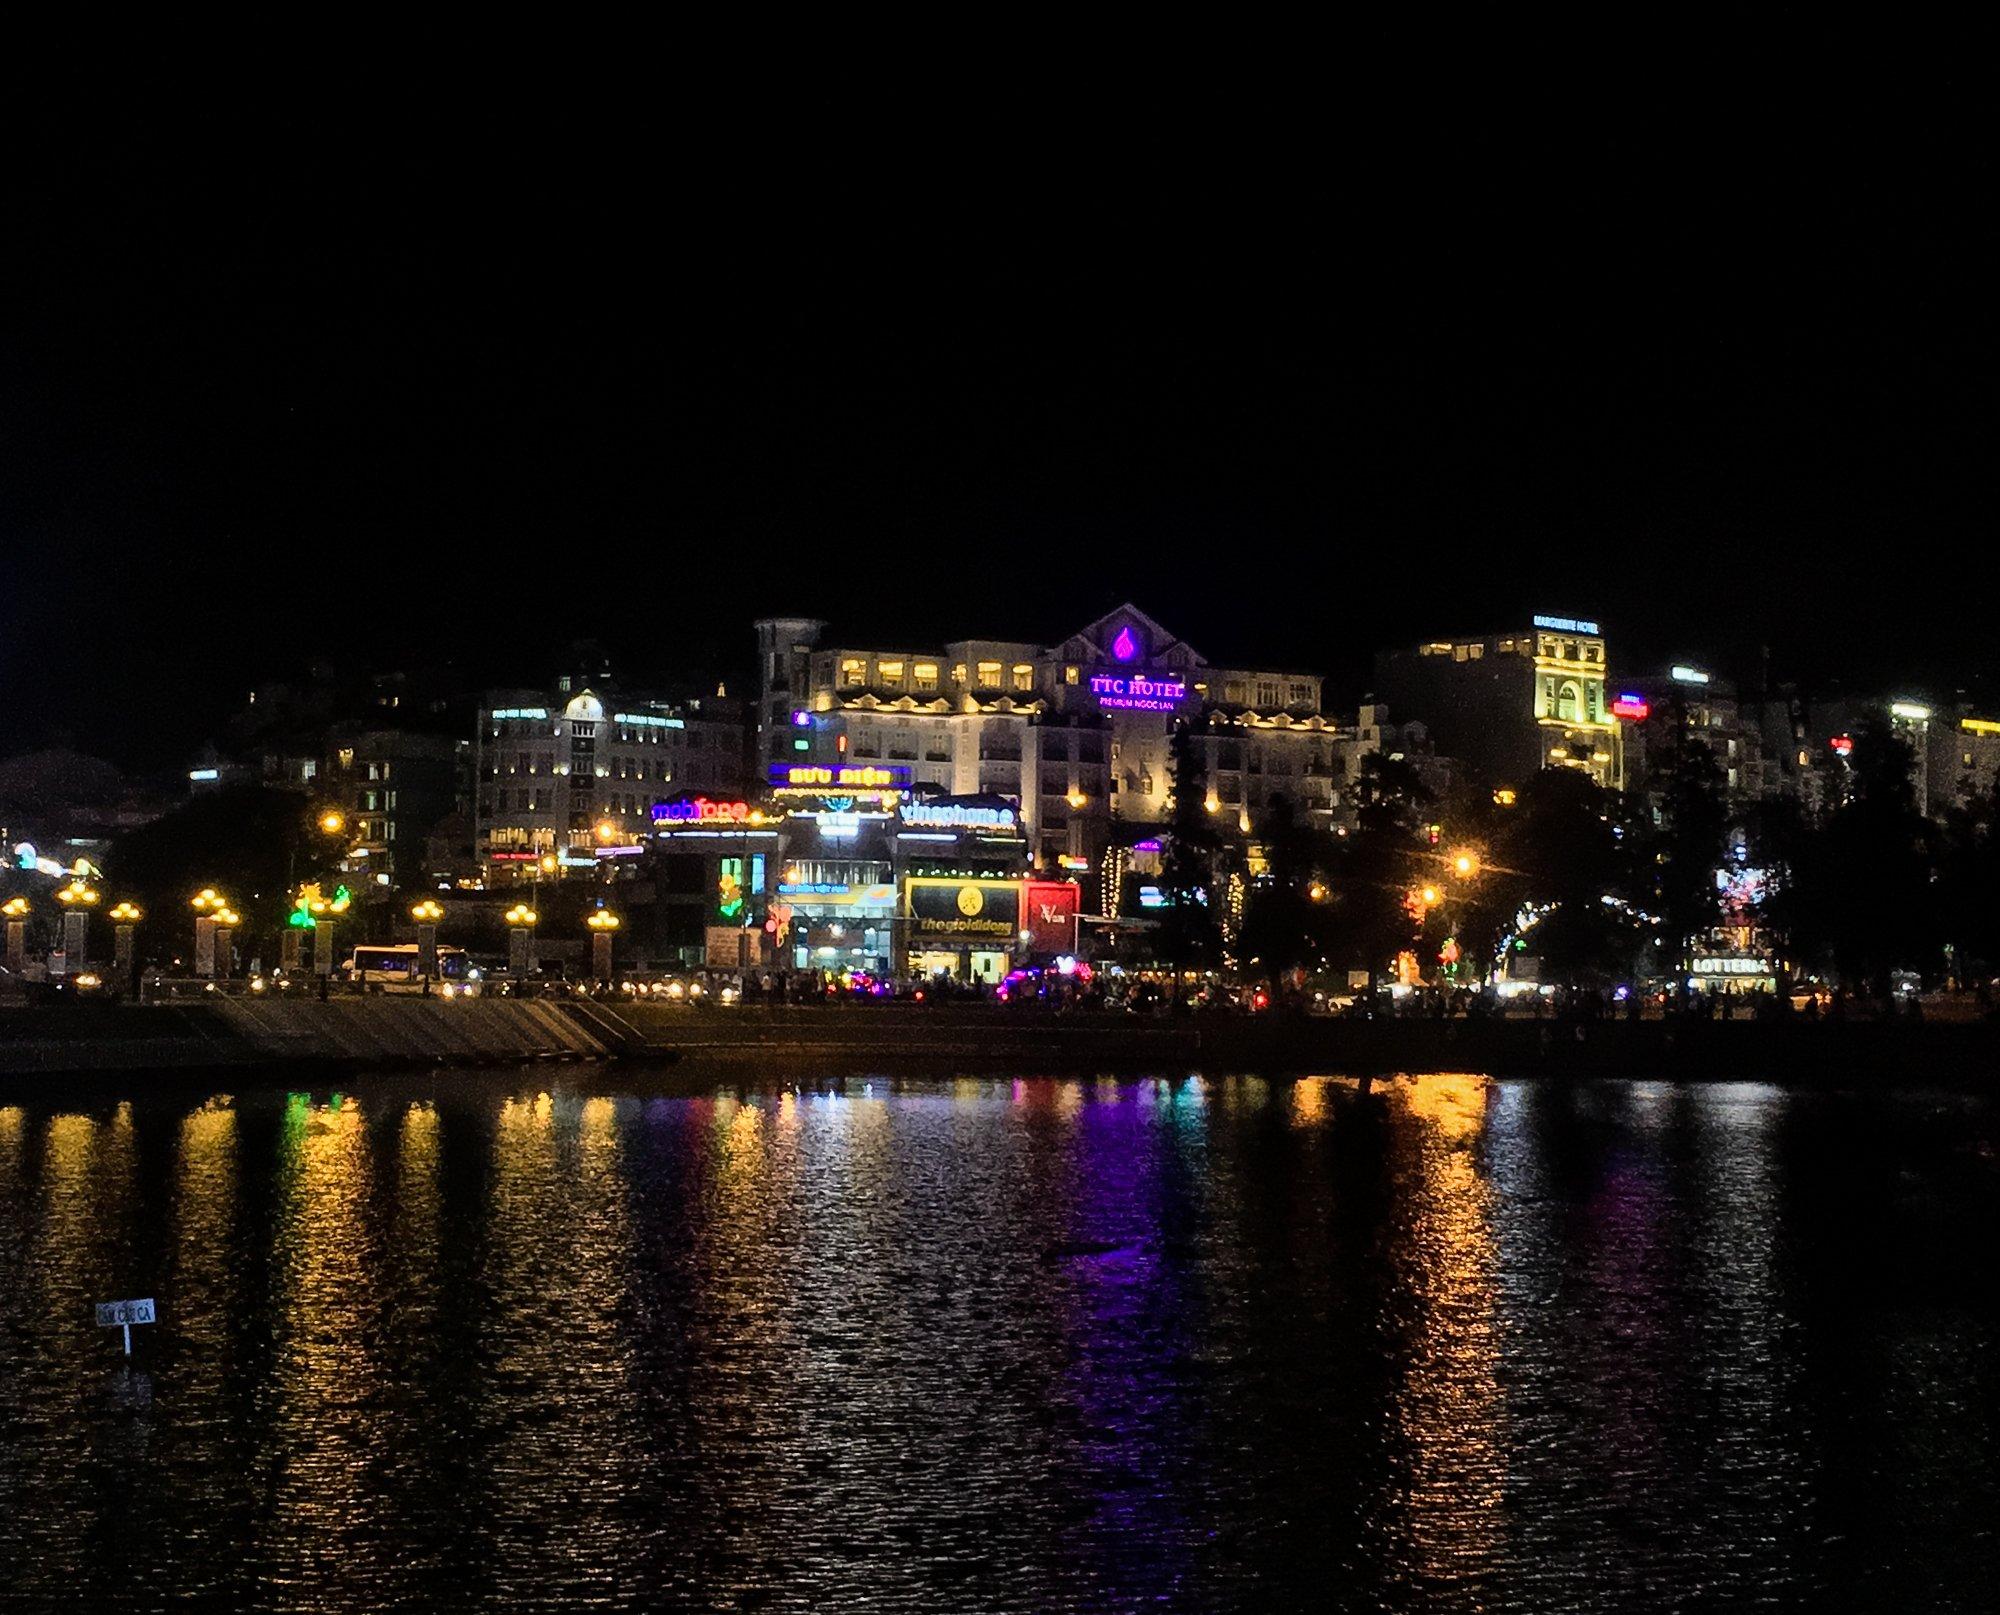 Main Tourist Area of Dalat at night.